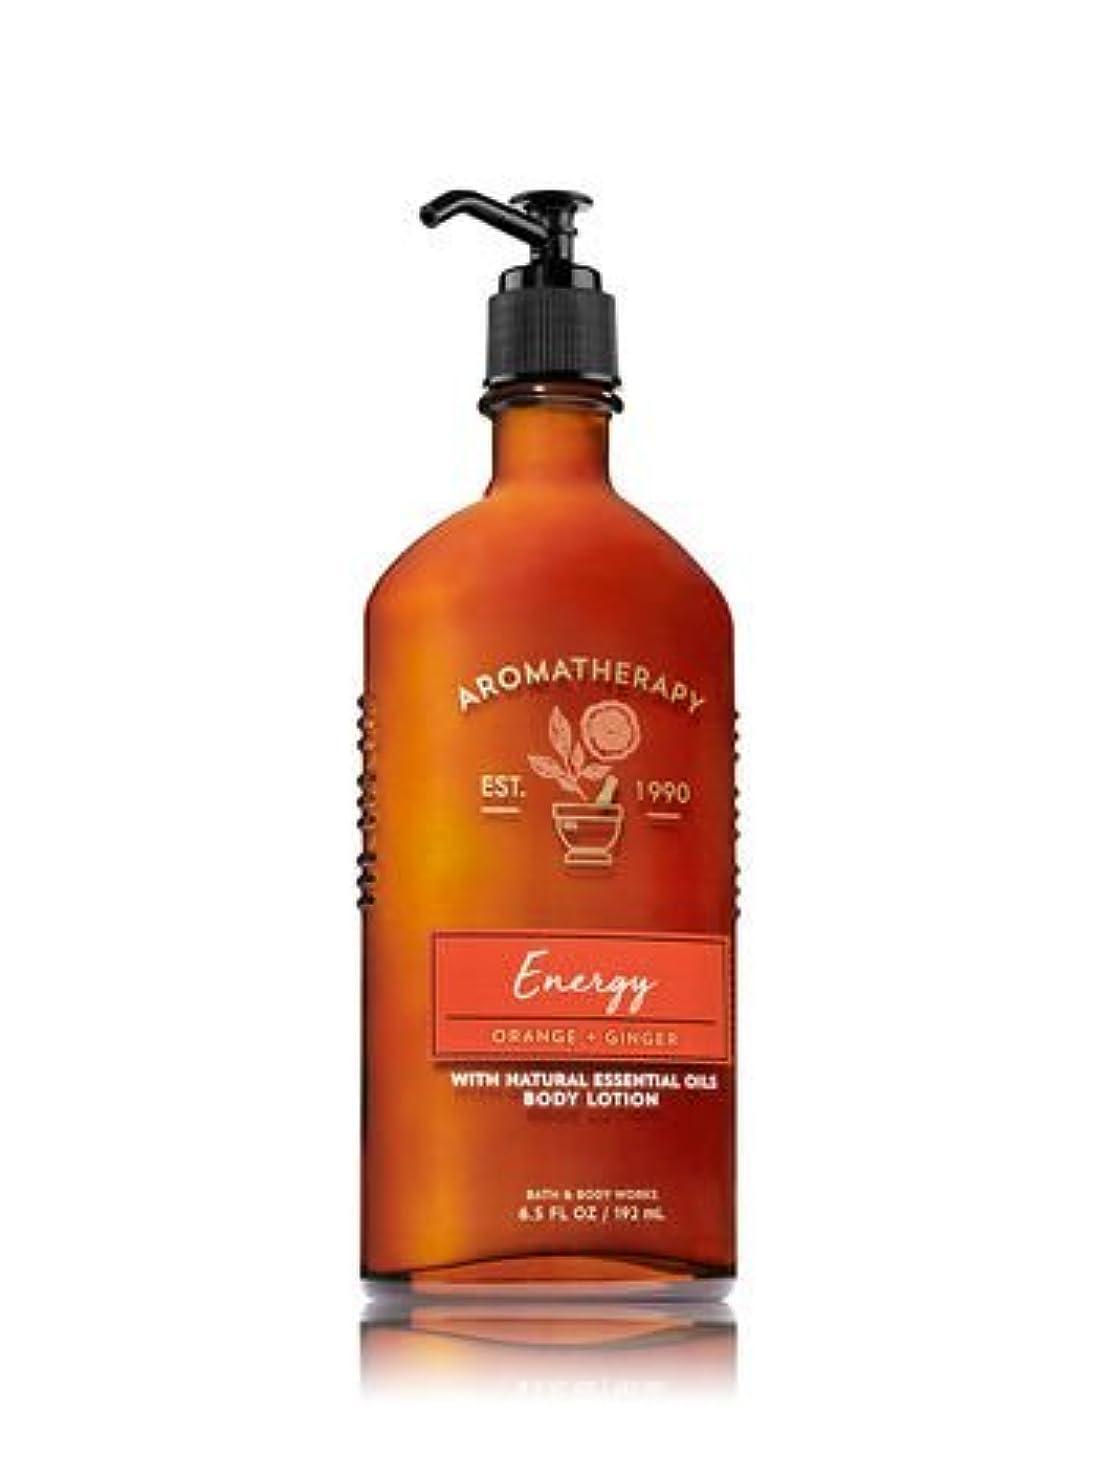 決して天才リファイン【Bath&Body Works/バス&ボディワークス】 ボディローション アロマセラピー エナジー オレンジジンジャー Body Lotion Aromatherapy Energy Orange Ginger 6.5...